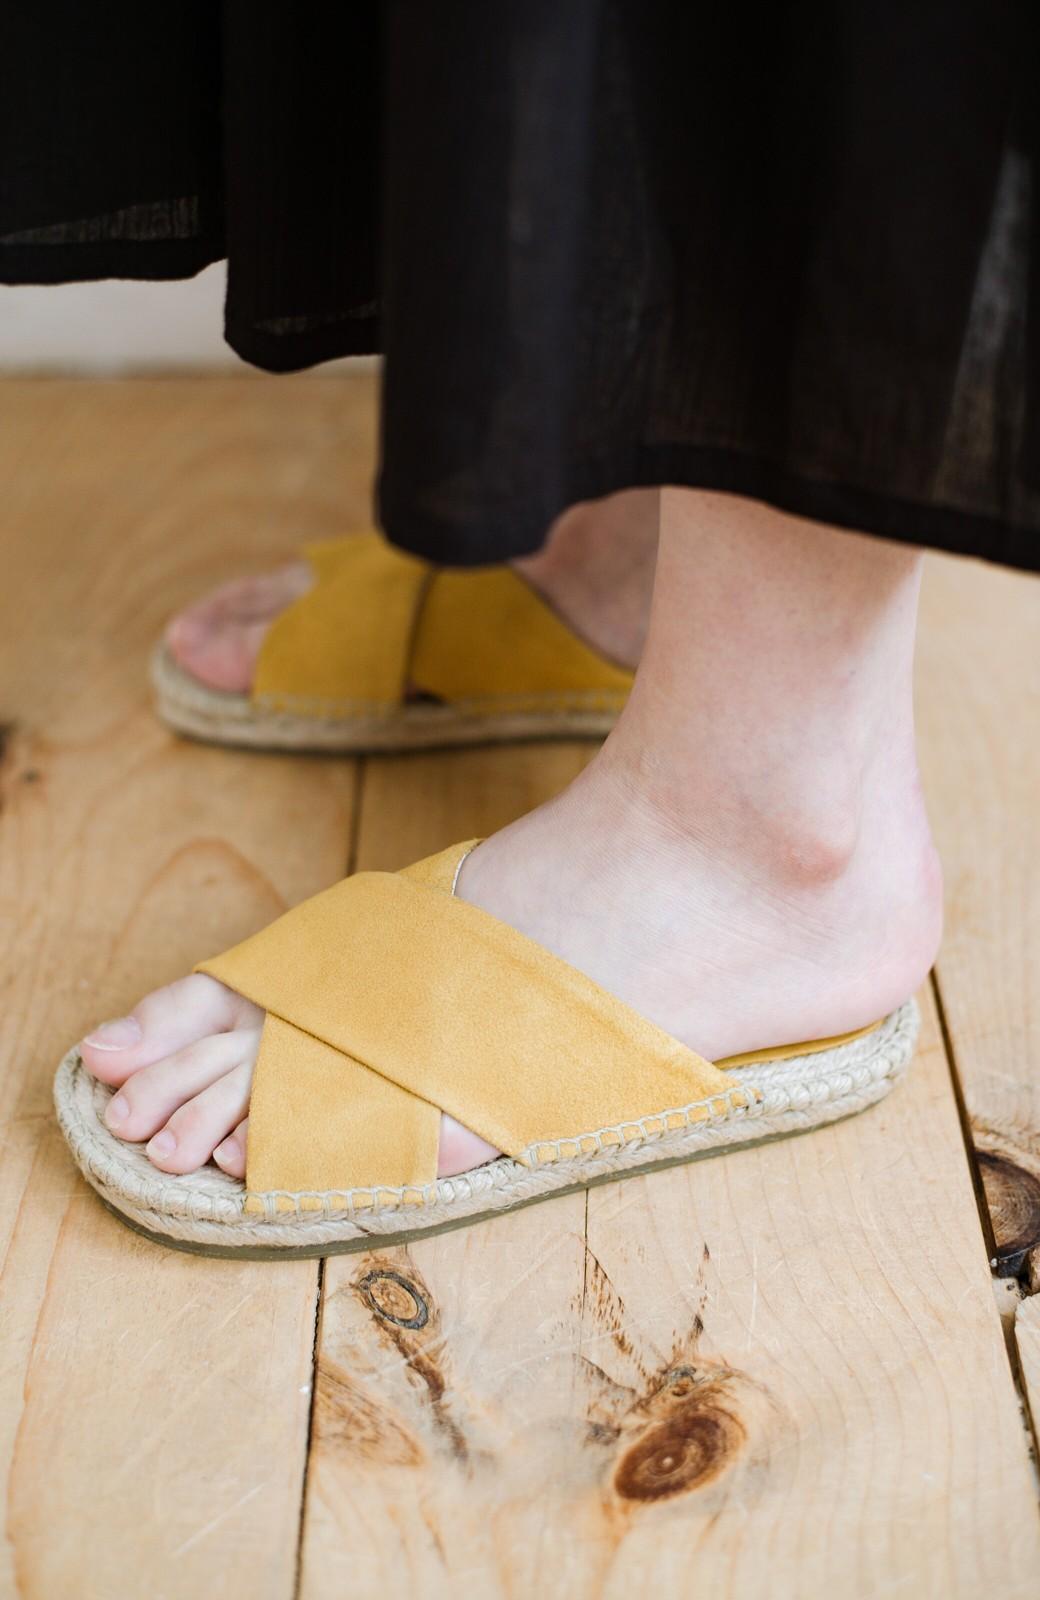 haco! hint hint 大人が気軽に履けるクロスフラットサンダル <イエロー>の商品写真1